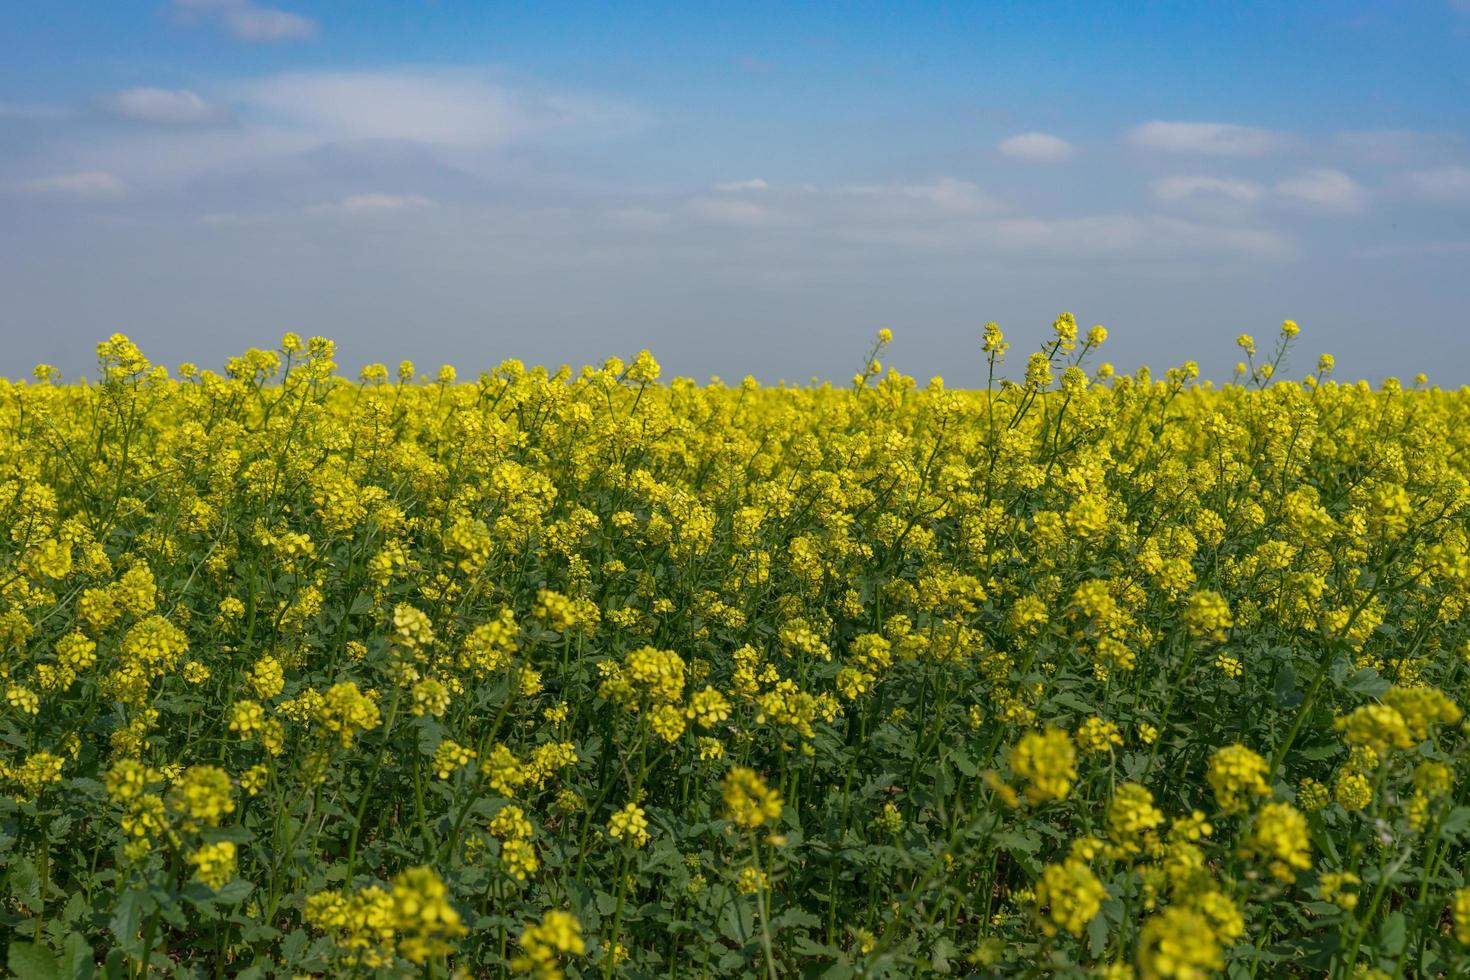 paesaggio naturale con un campo di colza. foto